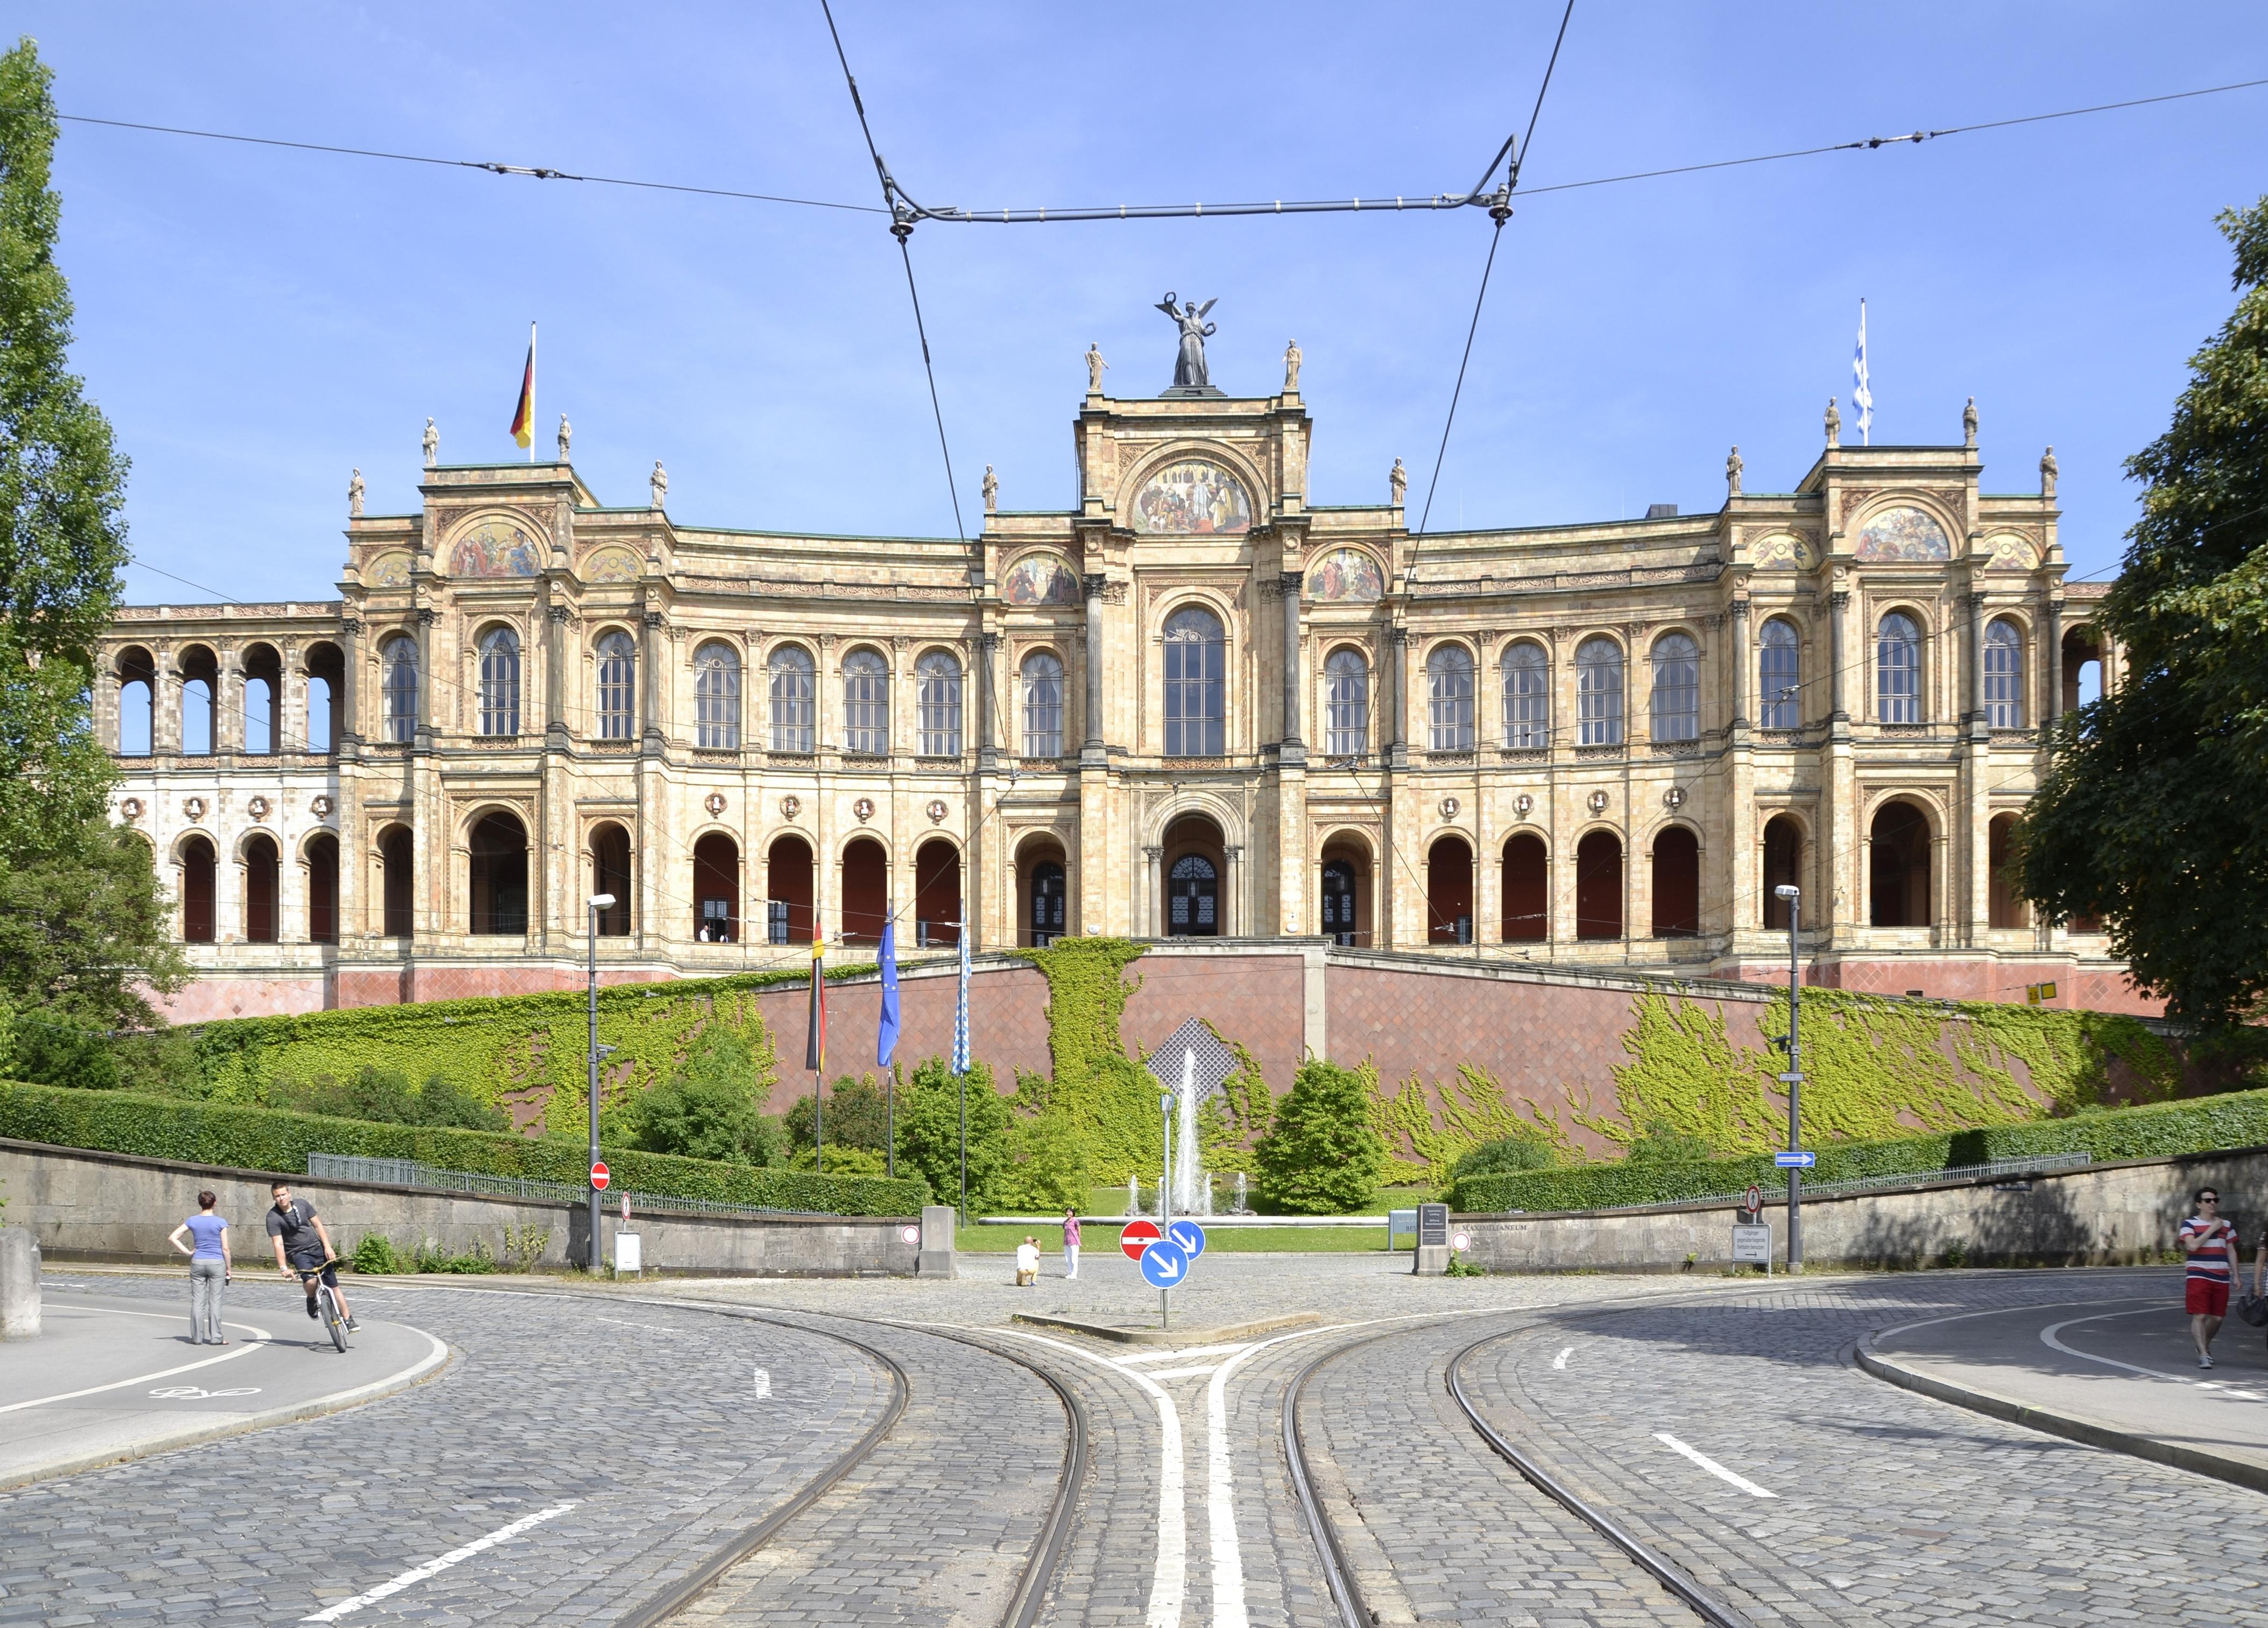 Maximilianeum in Munich struck me 88